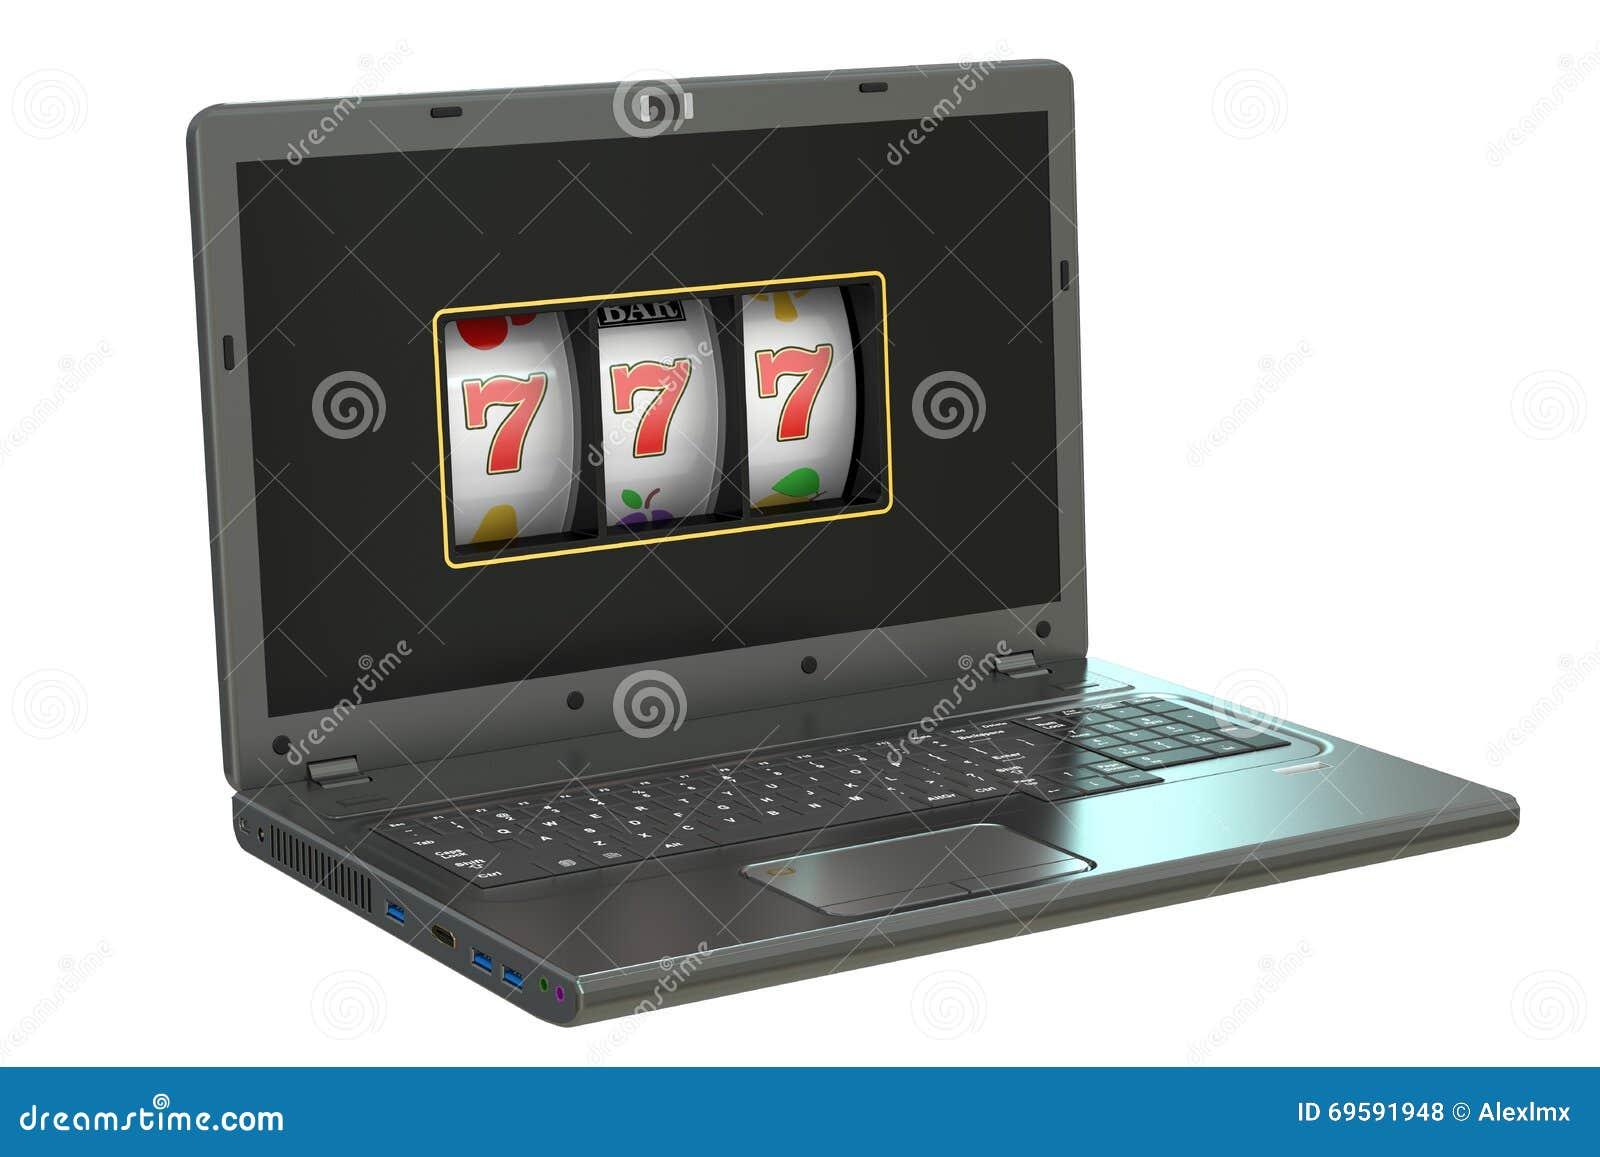 Ігровий автомат скелелаз грати безкоштовно